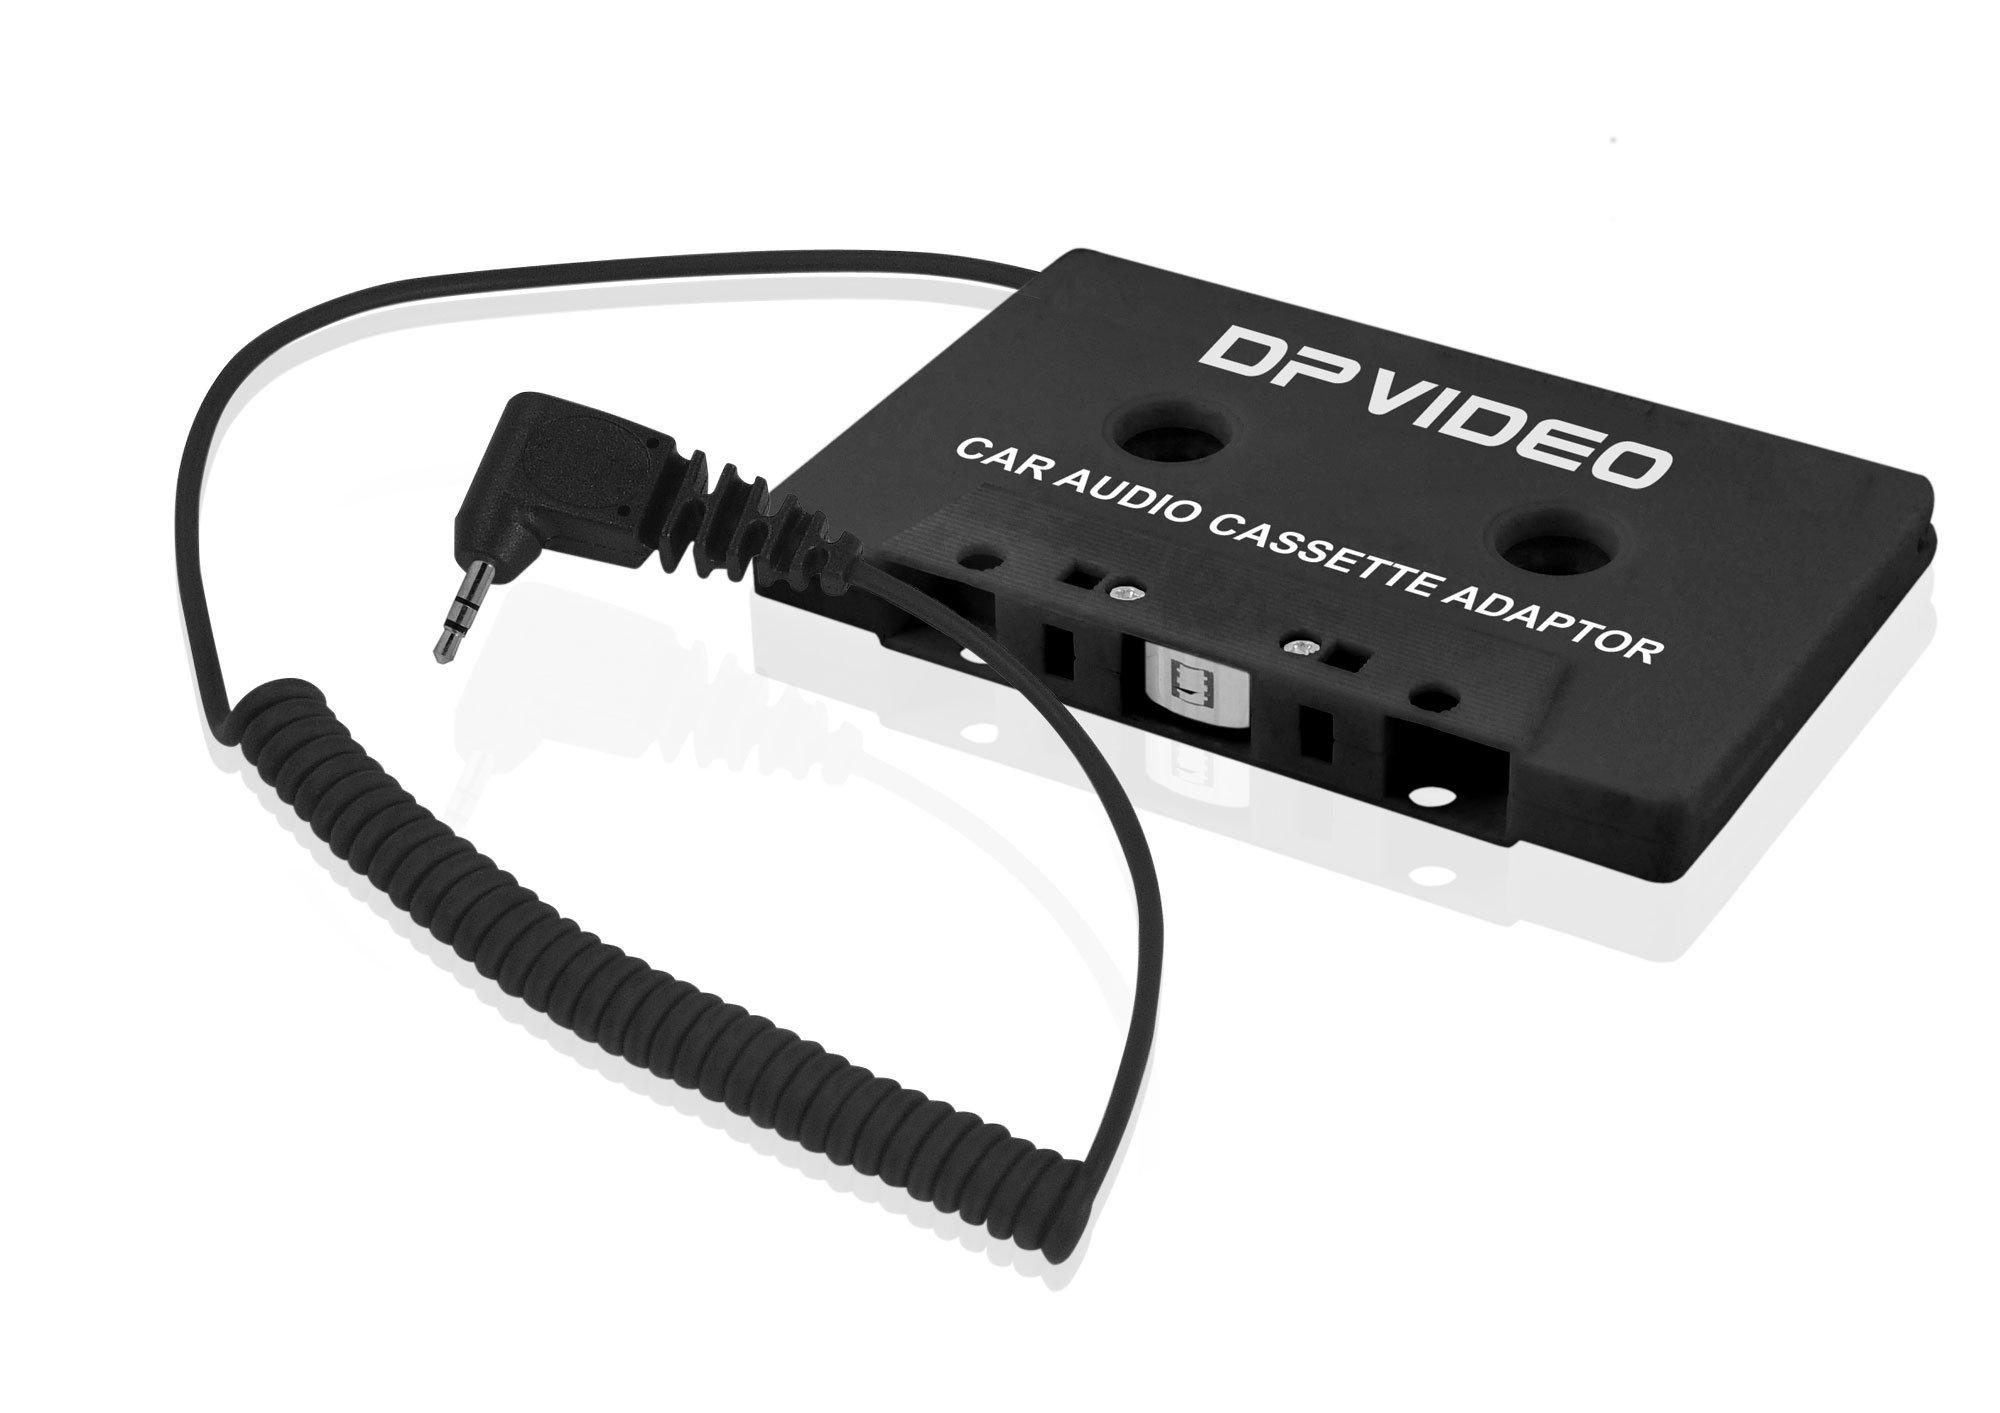 DP Audio Video DC10 Universal Car Cassette Adapter